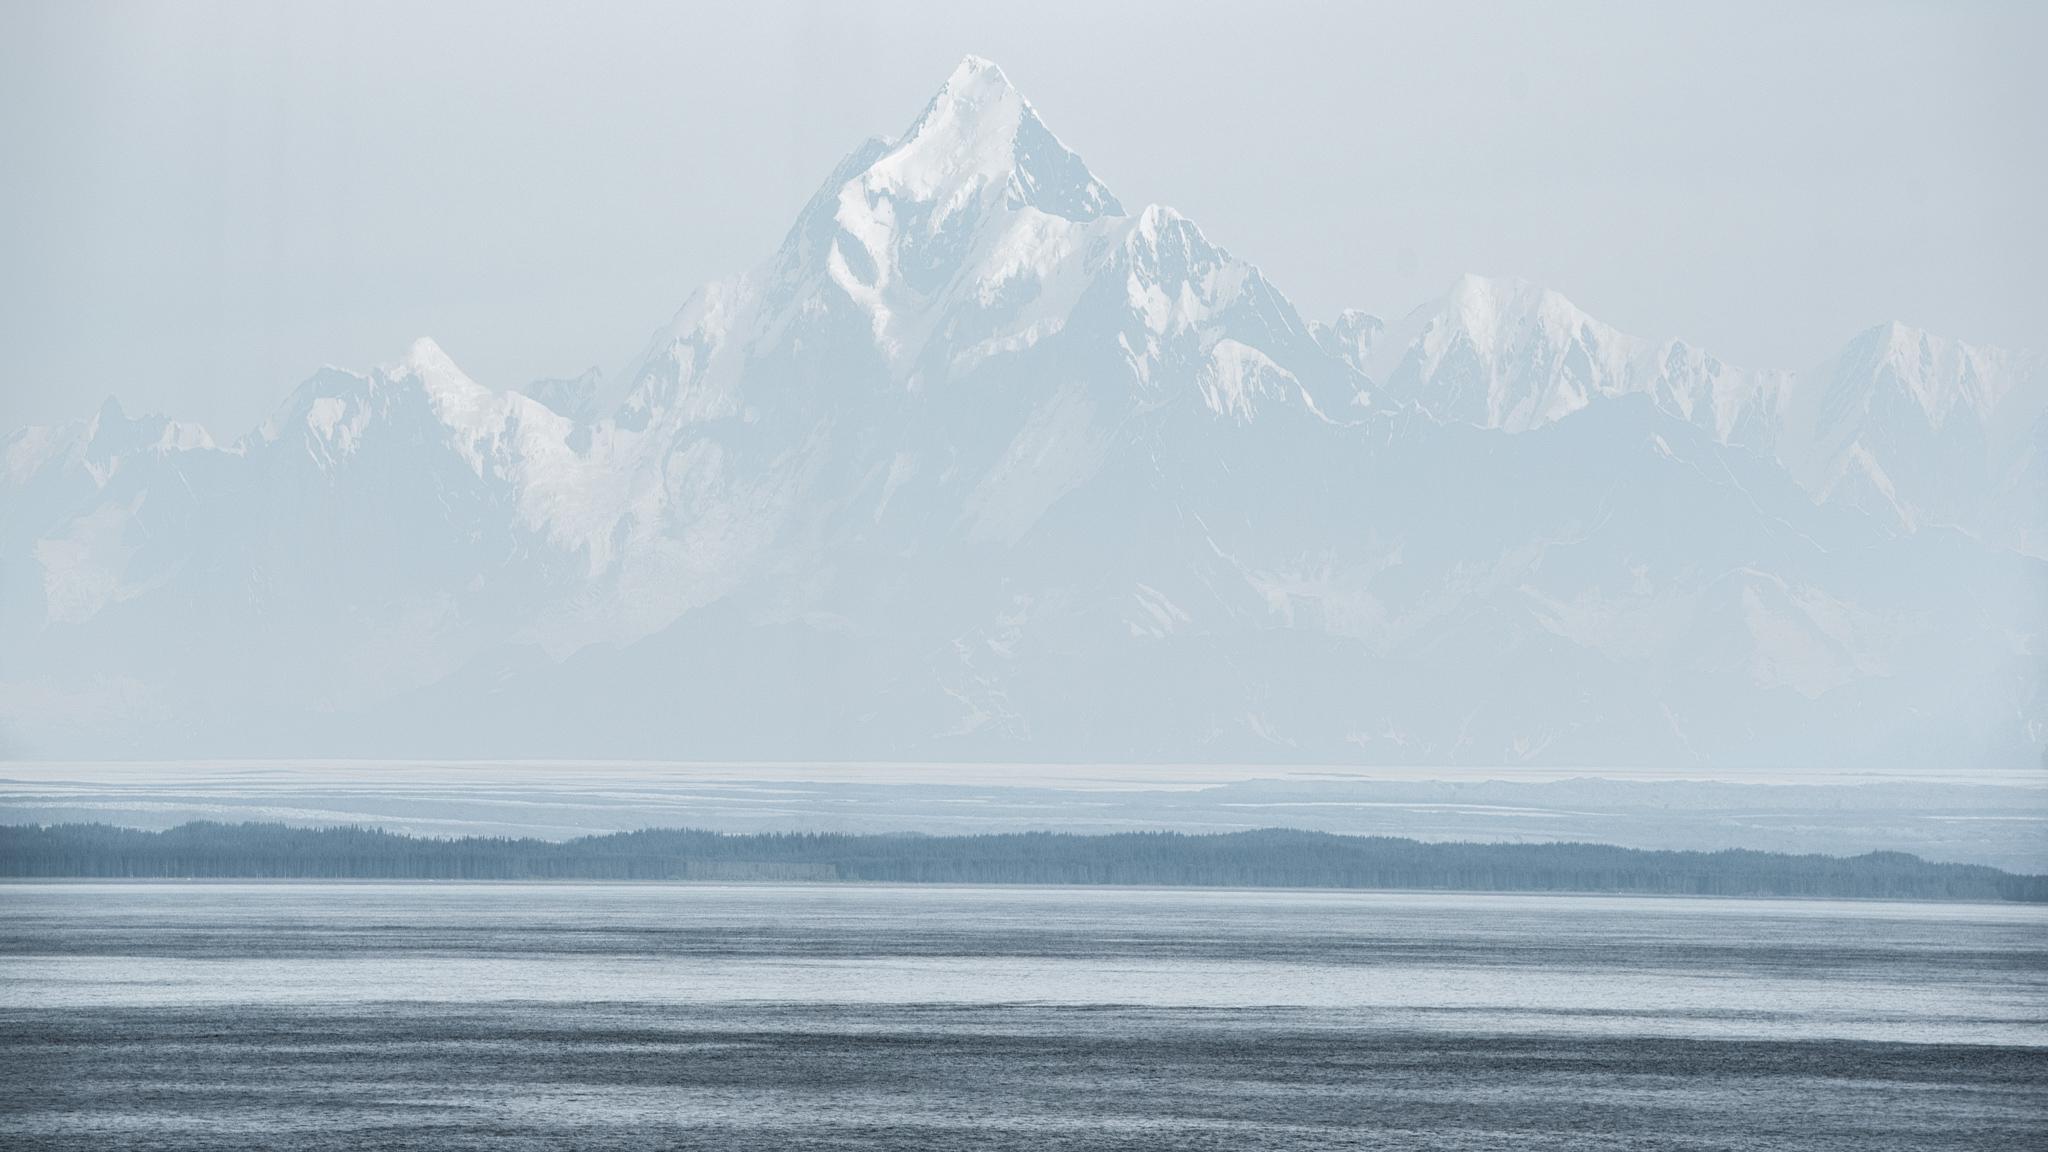 2017-08-09 - Hubbard Glacier - 011